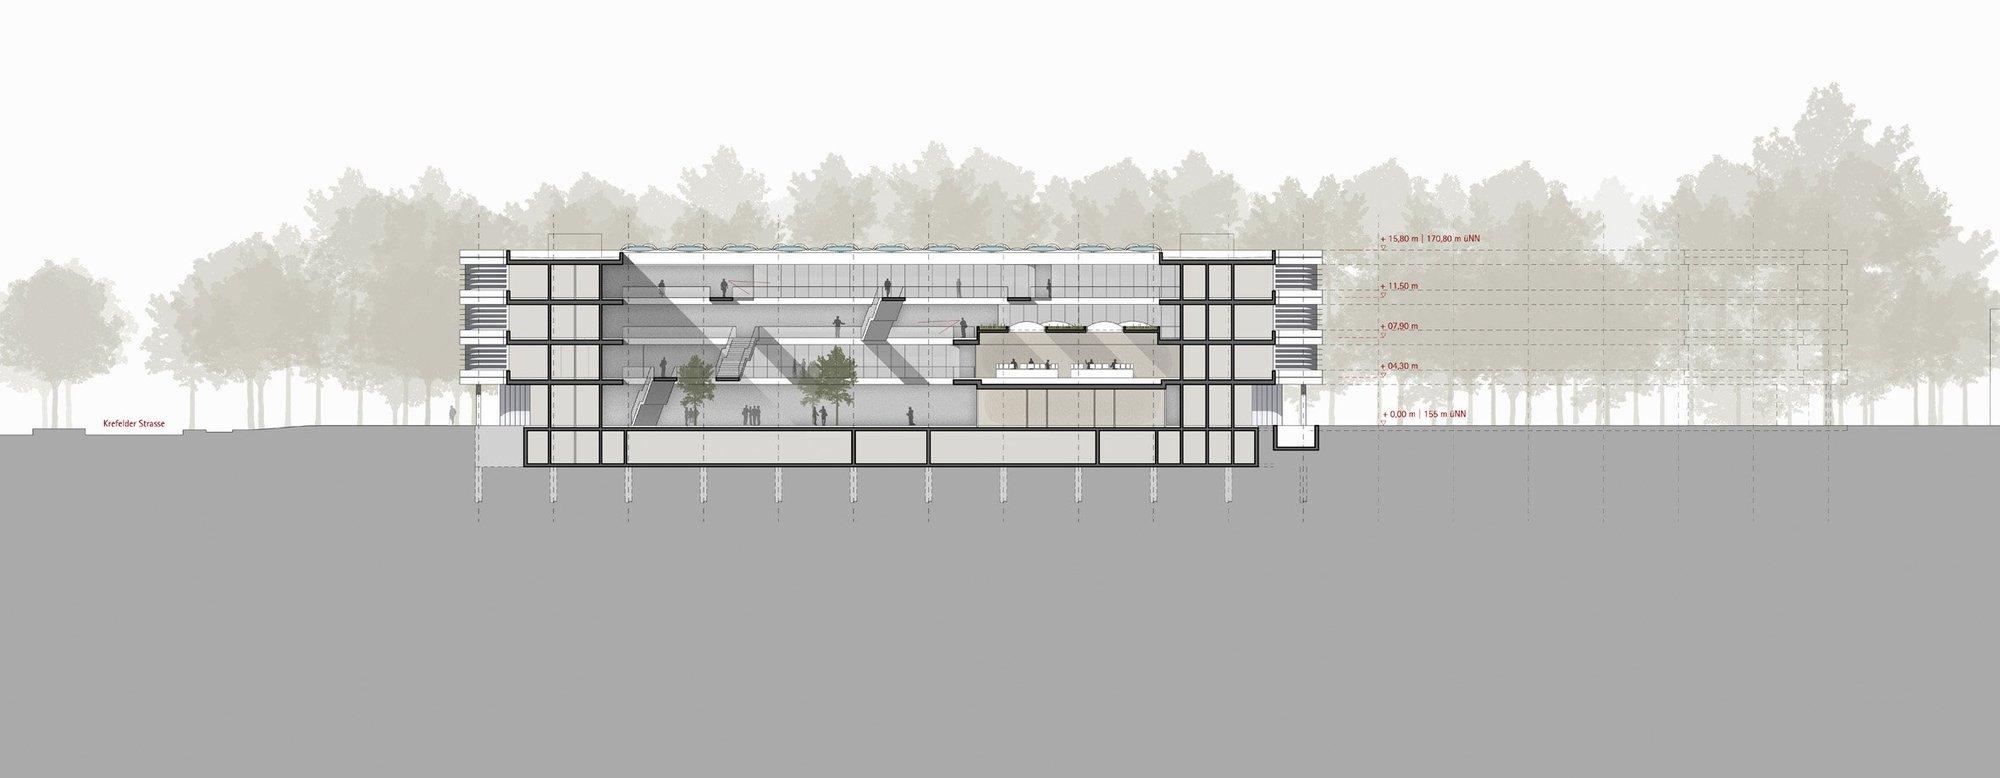 Architekten Aachen trianel gmbh corporate centre gmp architekten archdaily